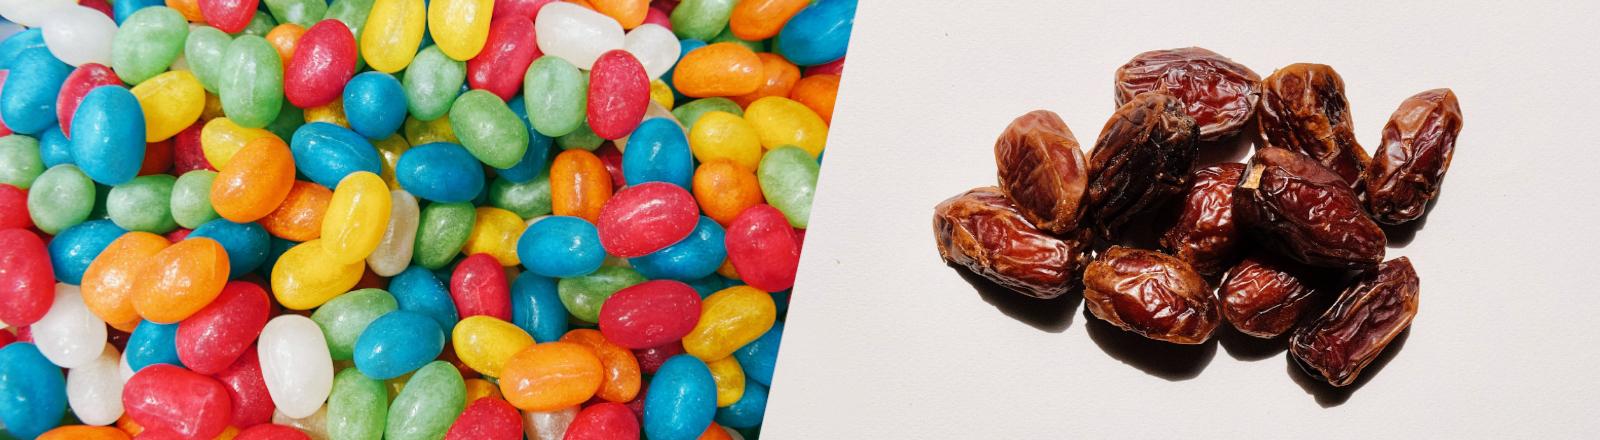 Collage aus Süßigkeiten und Datteln im Kontext von Fastenzeit